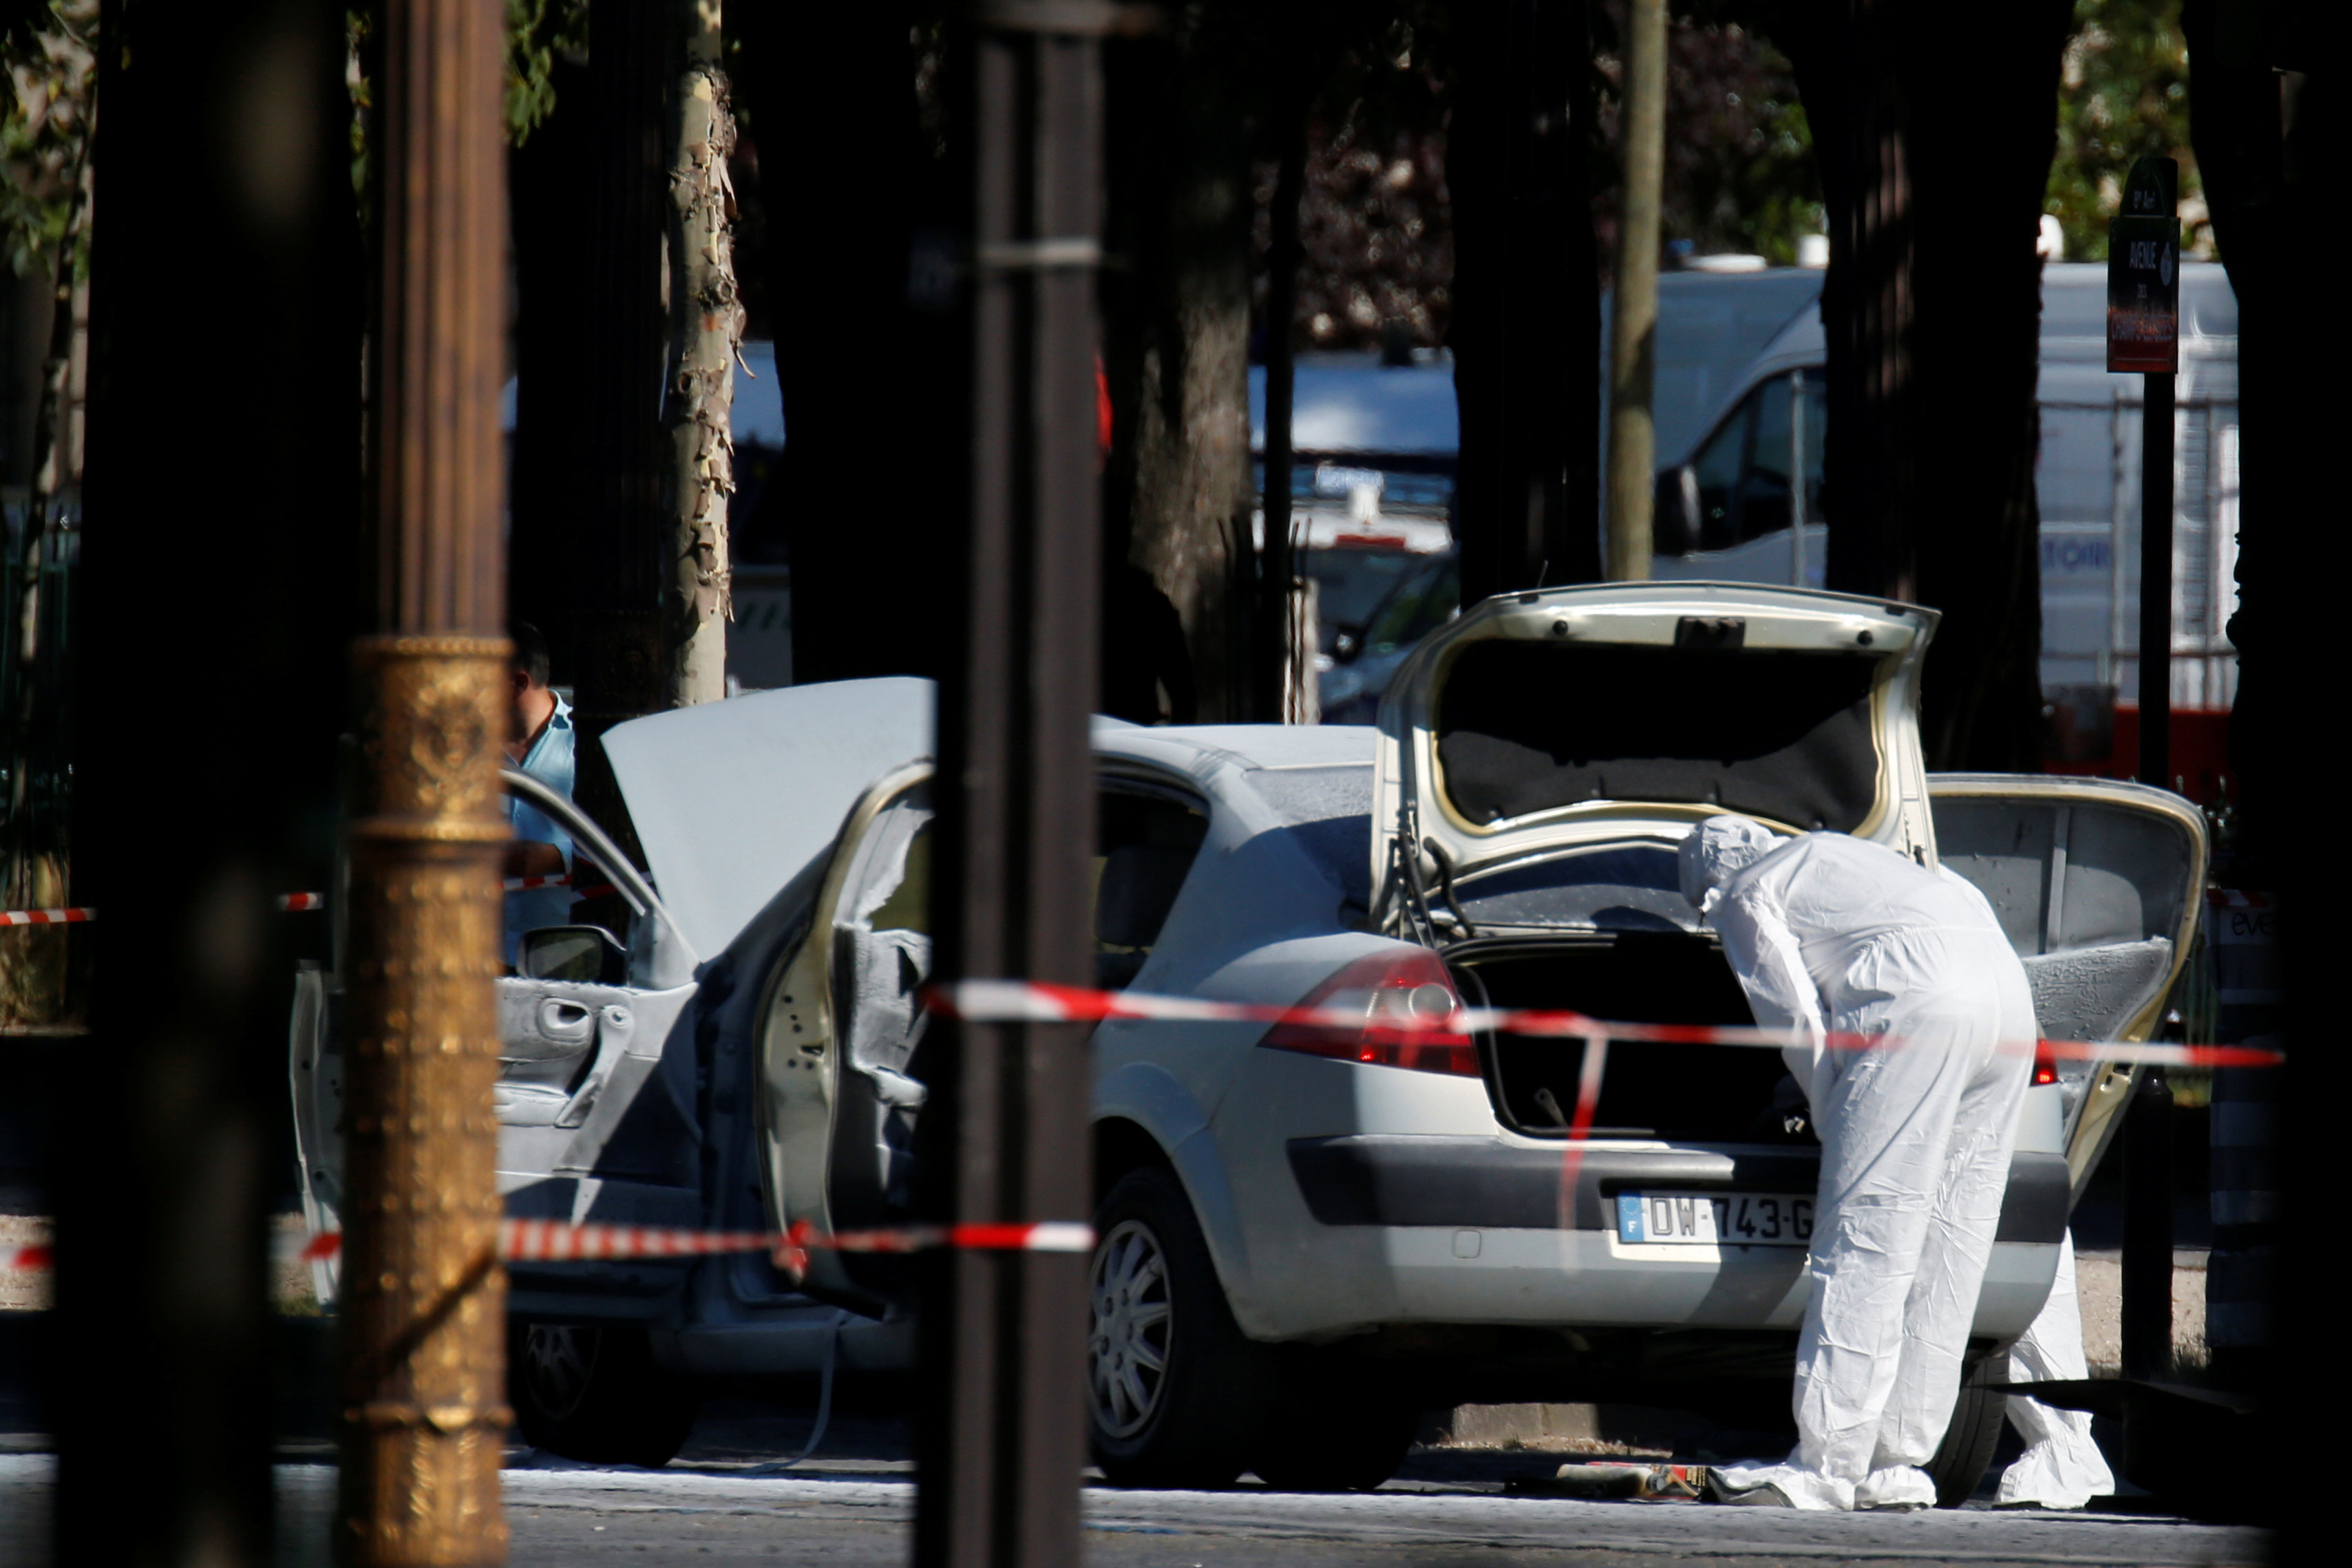 جانب من انفجار الشانزليزيه وسط العاصمة الفرنسية باريس